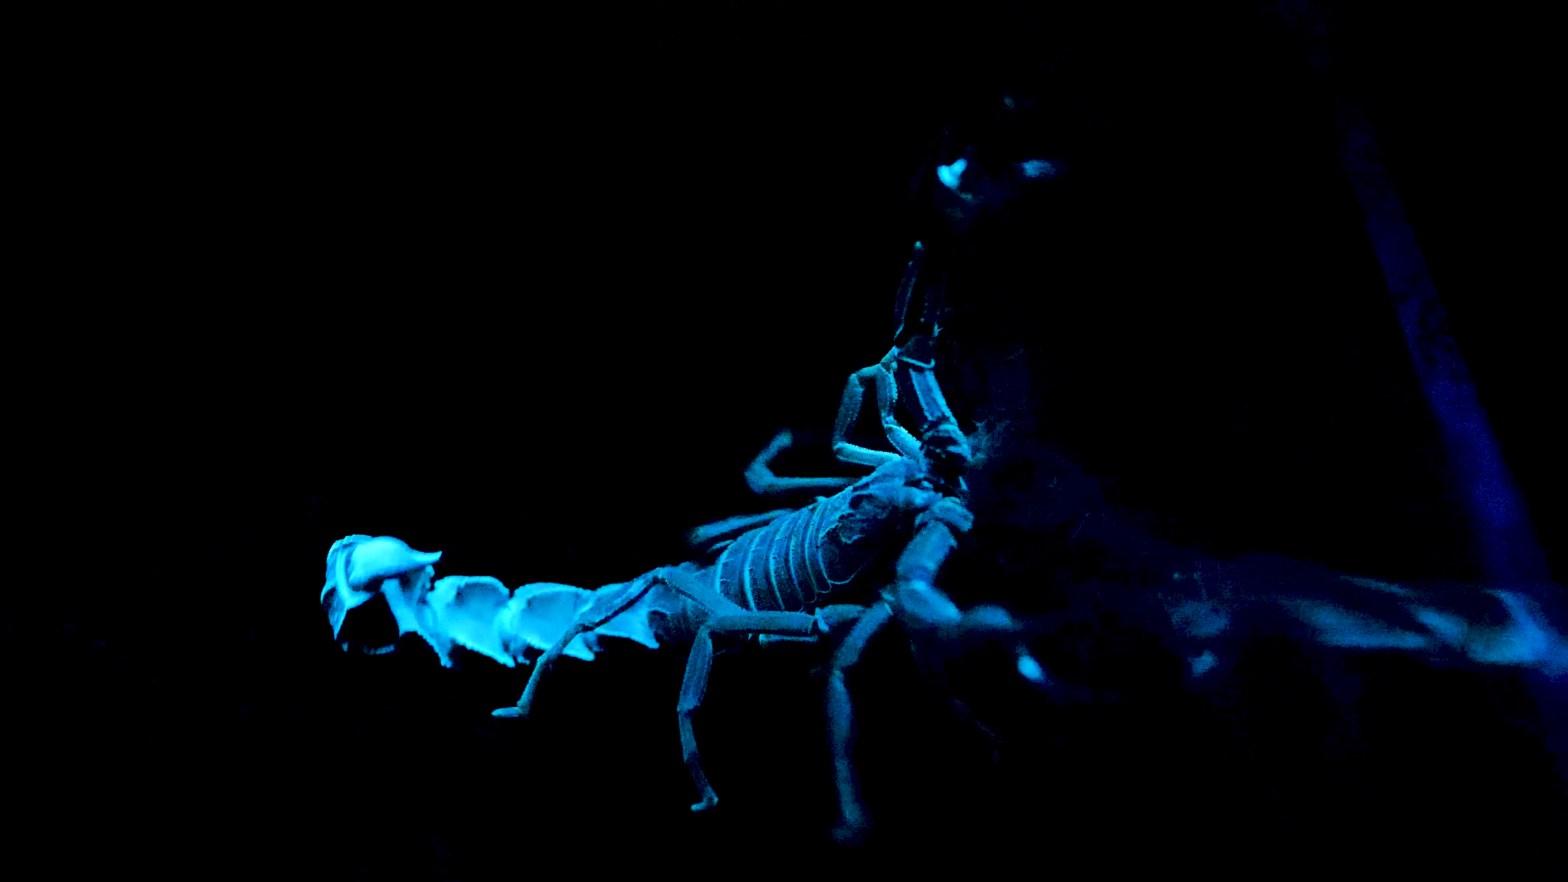 Scorpio, scorpio scorpion, scorpio, scorpio men, scorpio women, scorpio man, scorpio woman, scorpio zodiac, scorpio zodiac sign